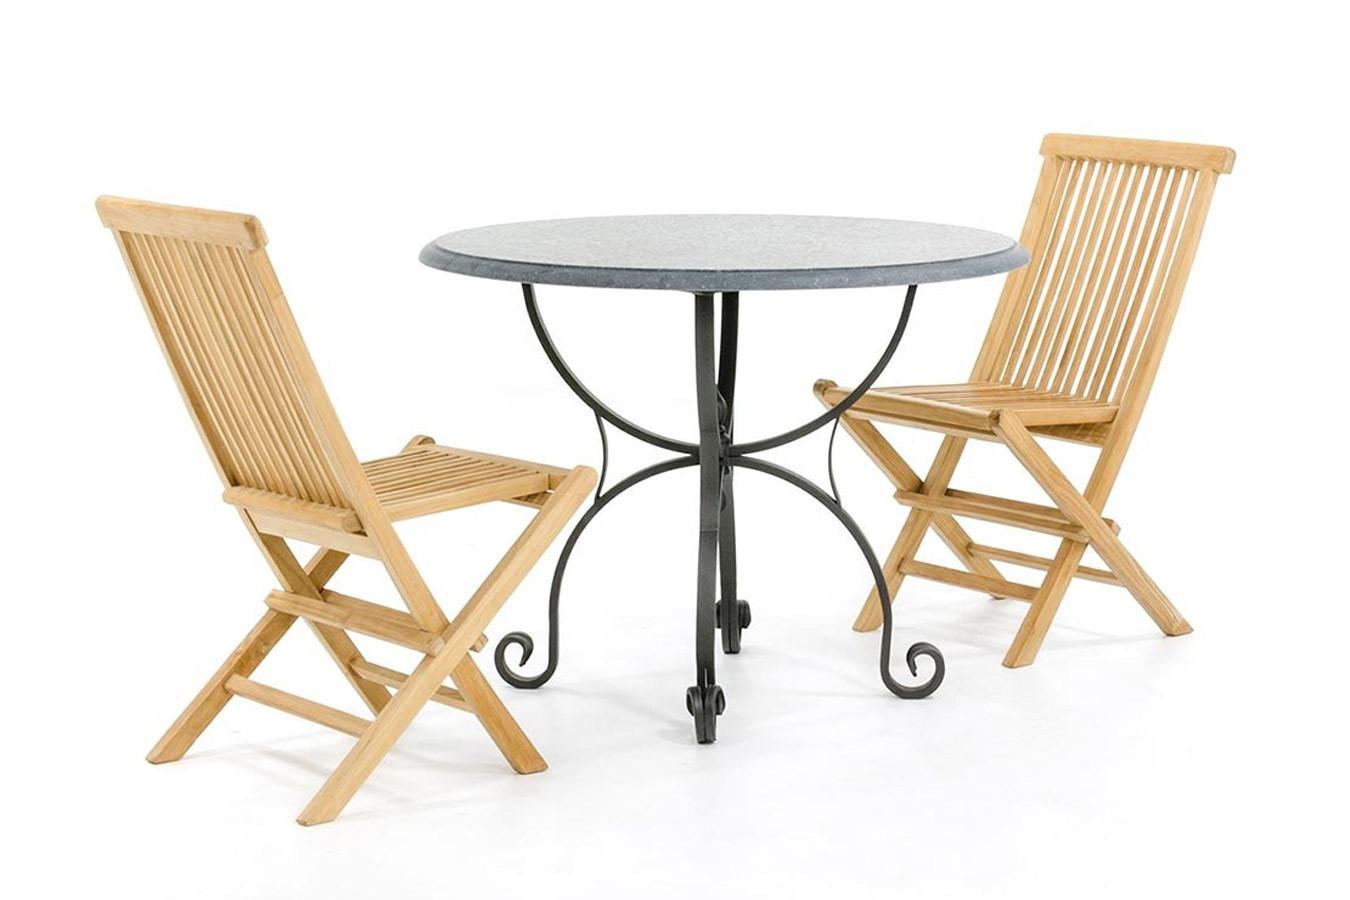 Kalkstein Gartentisch mit hölzernen Gartenstühlen